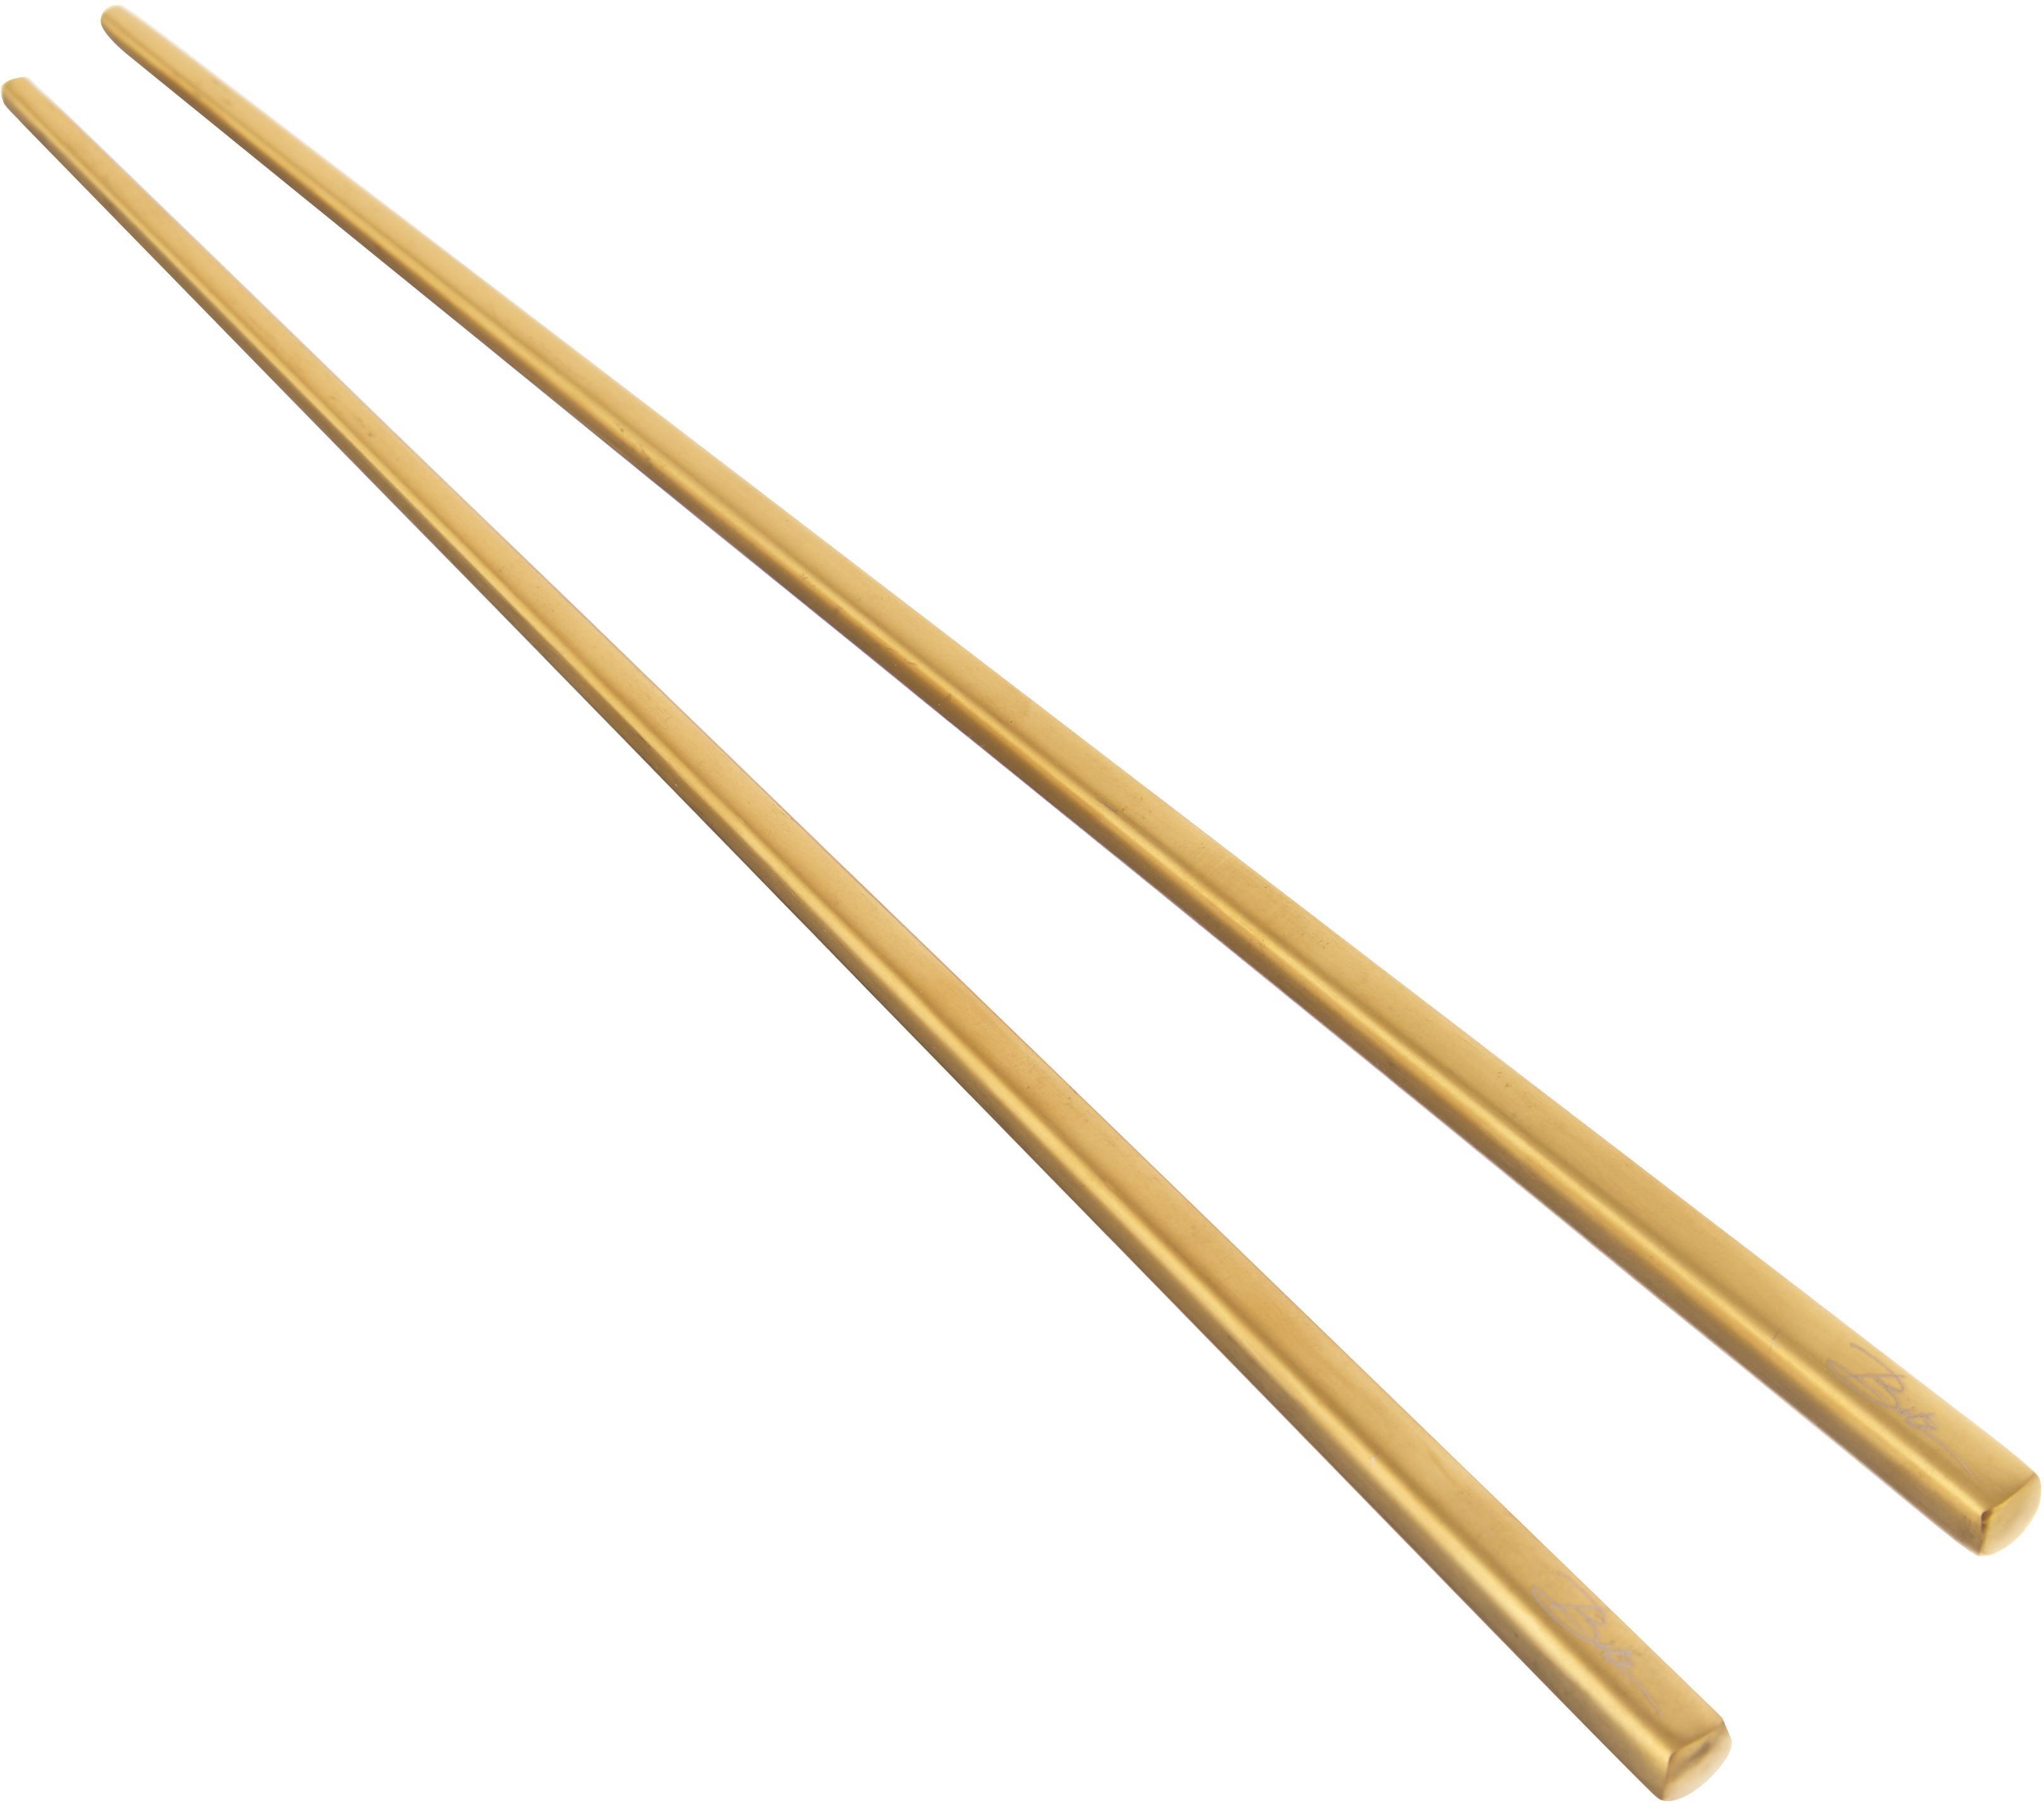 Eetstokjesset Chop, 3-delig, Goudkleurig, zwart, L 26 cm